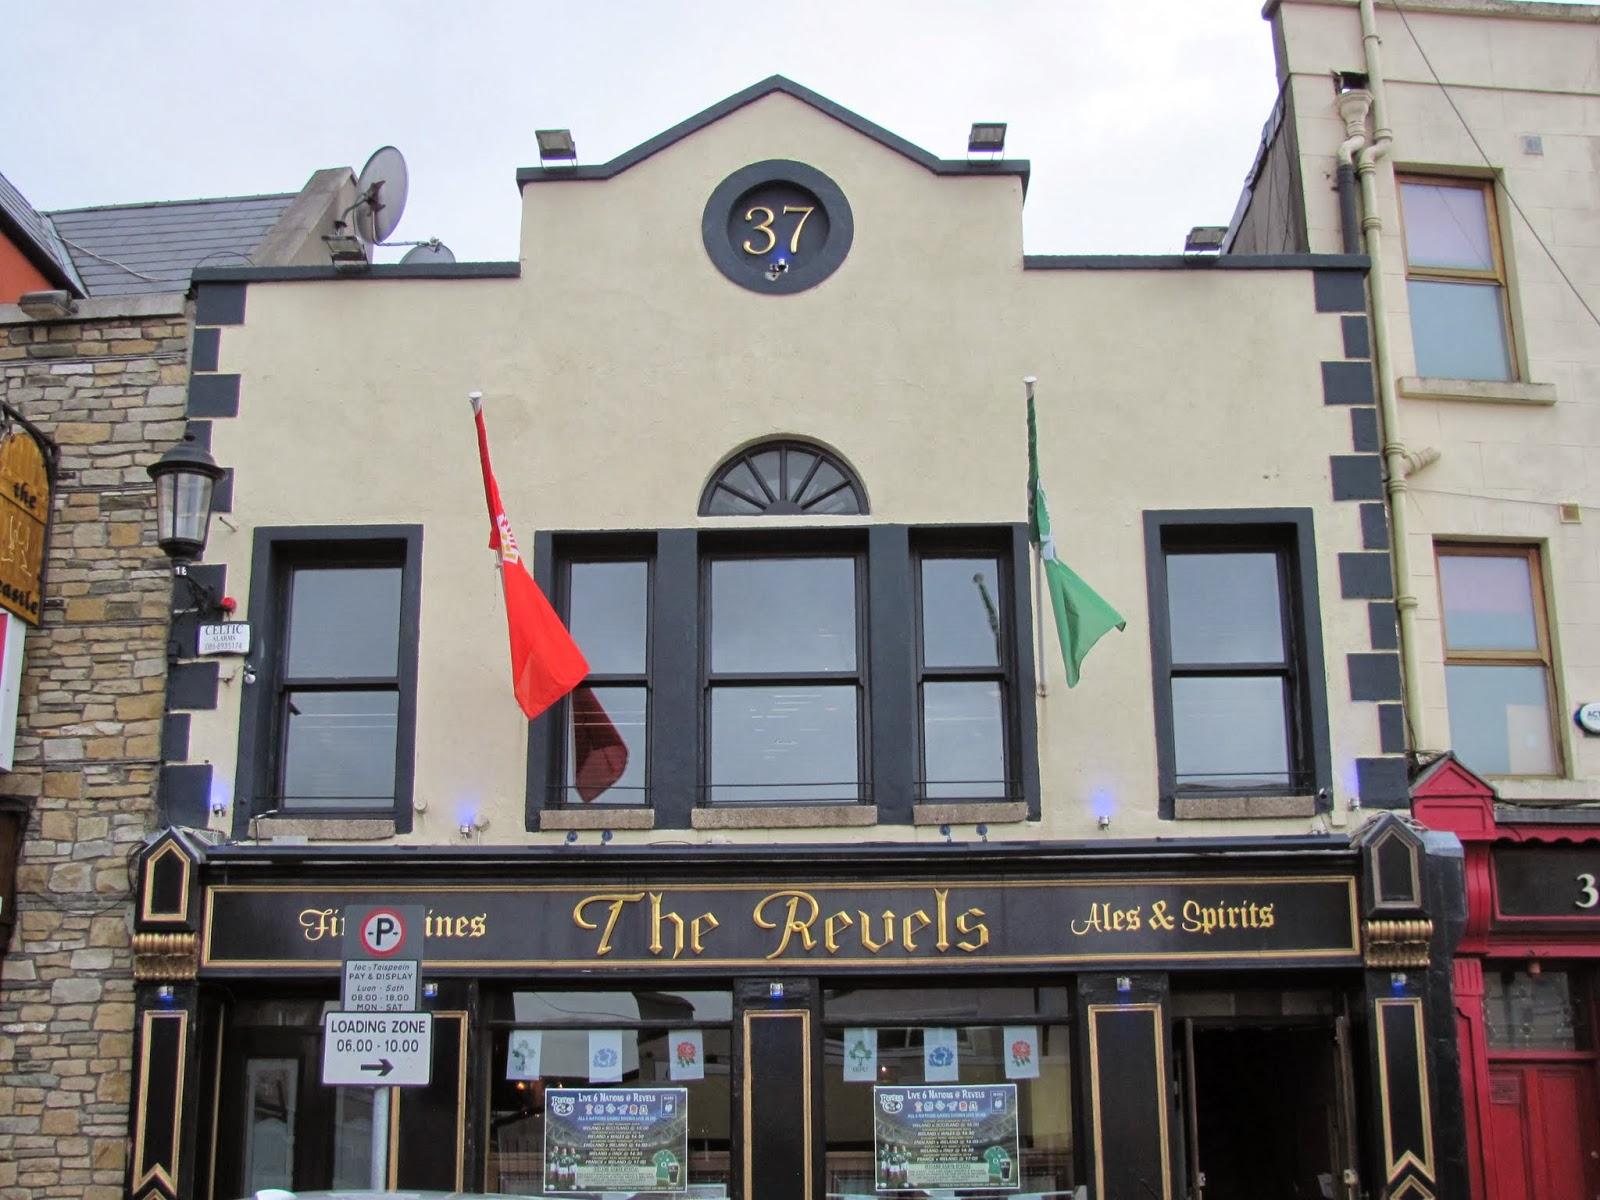 The Revels in Rathfarnham southwest Dublin